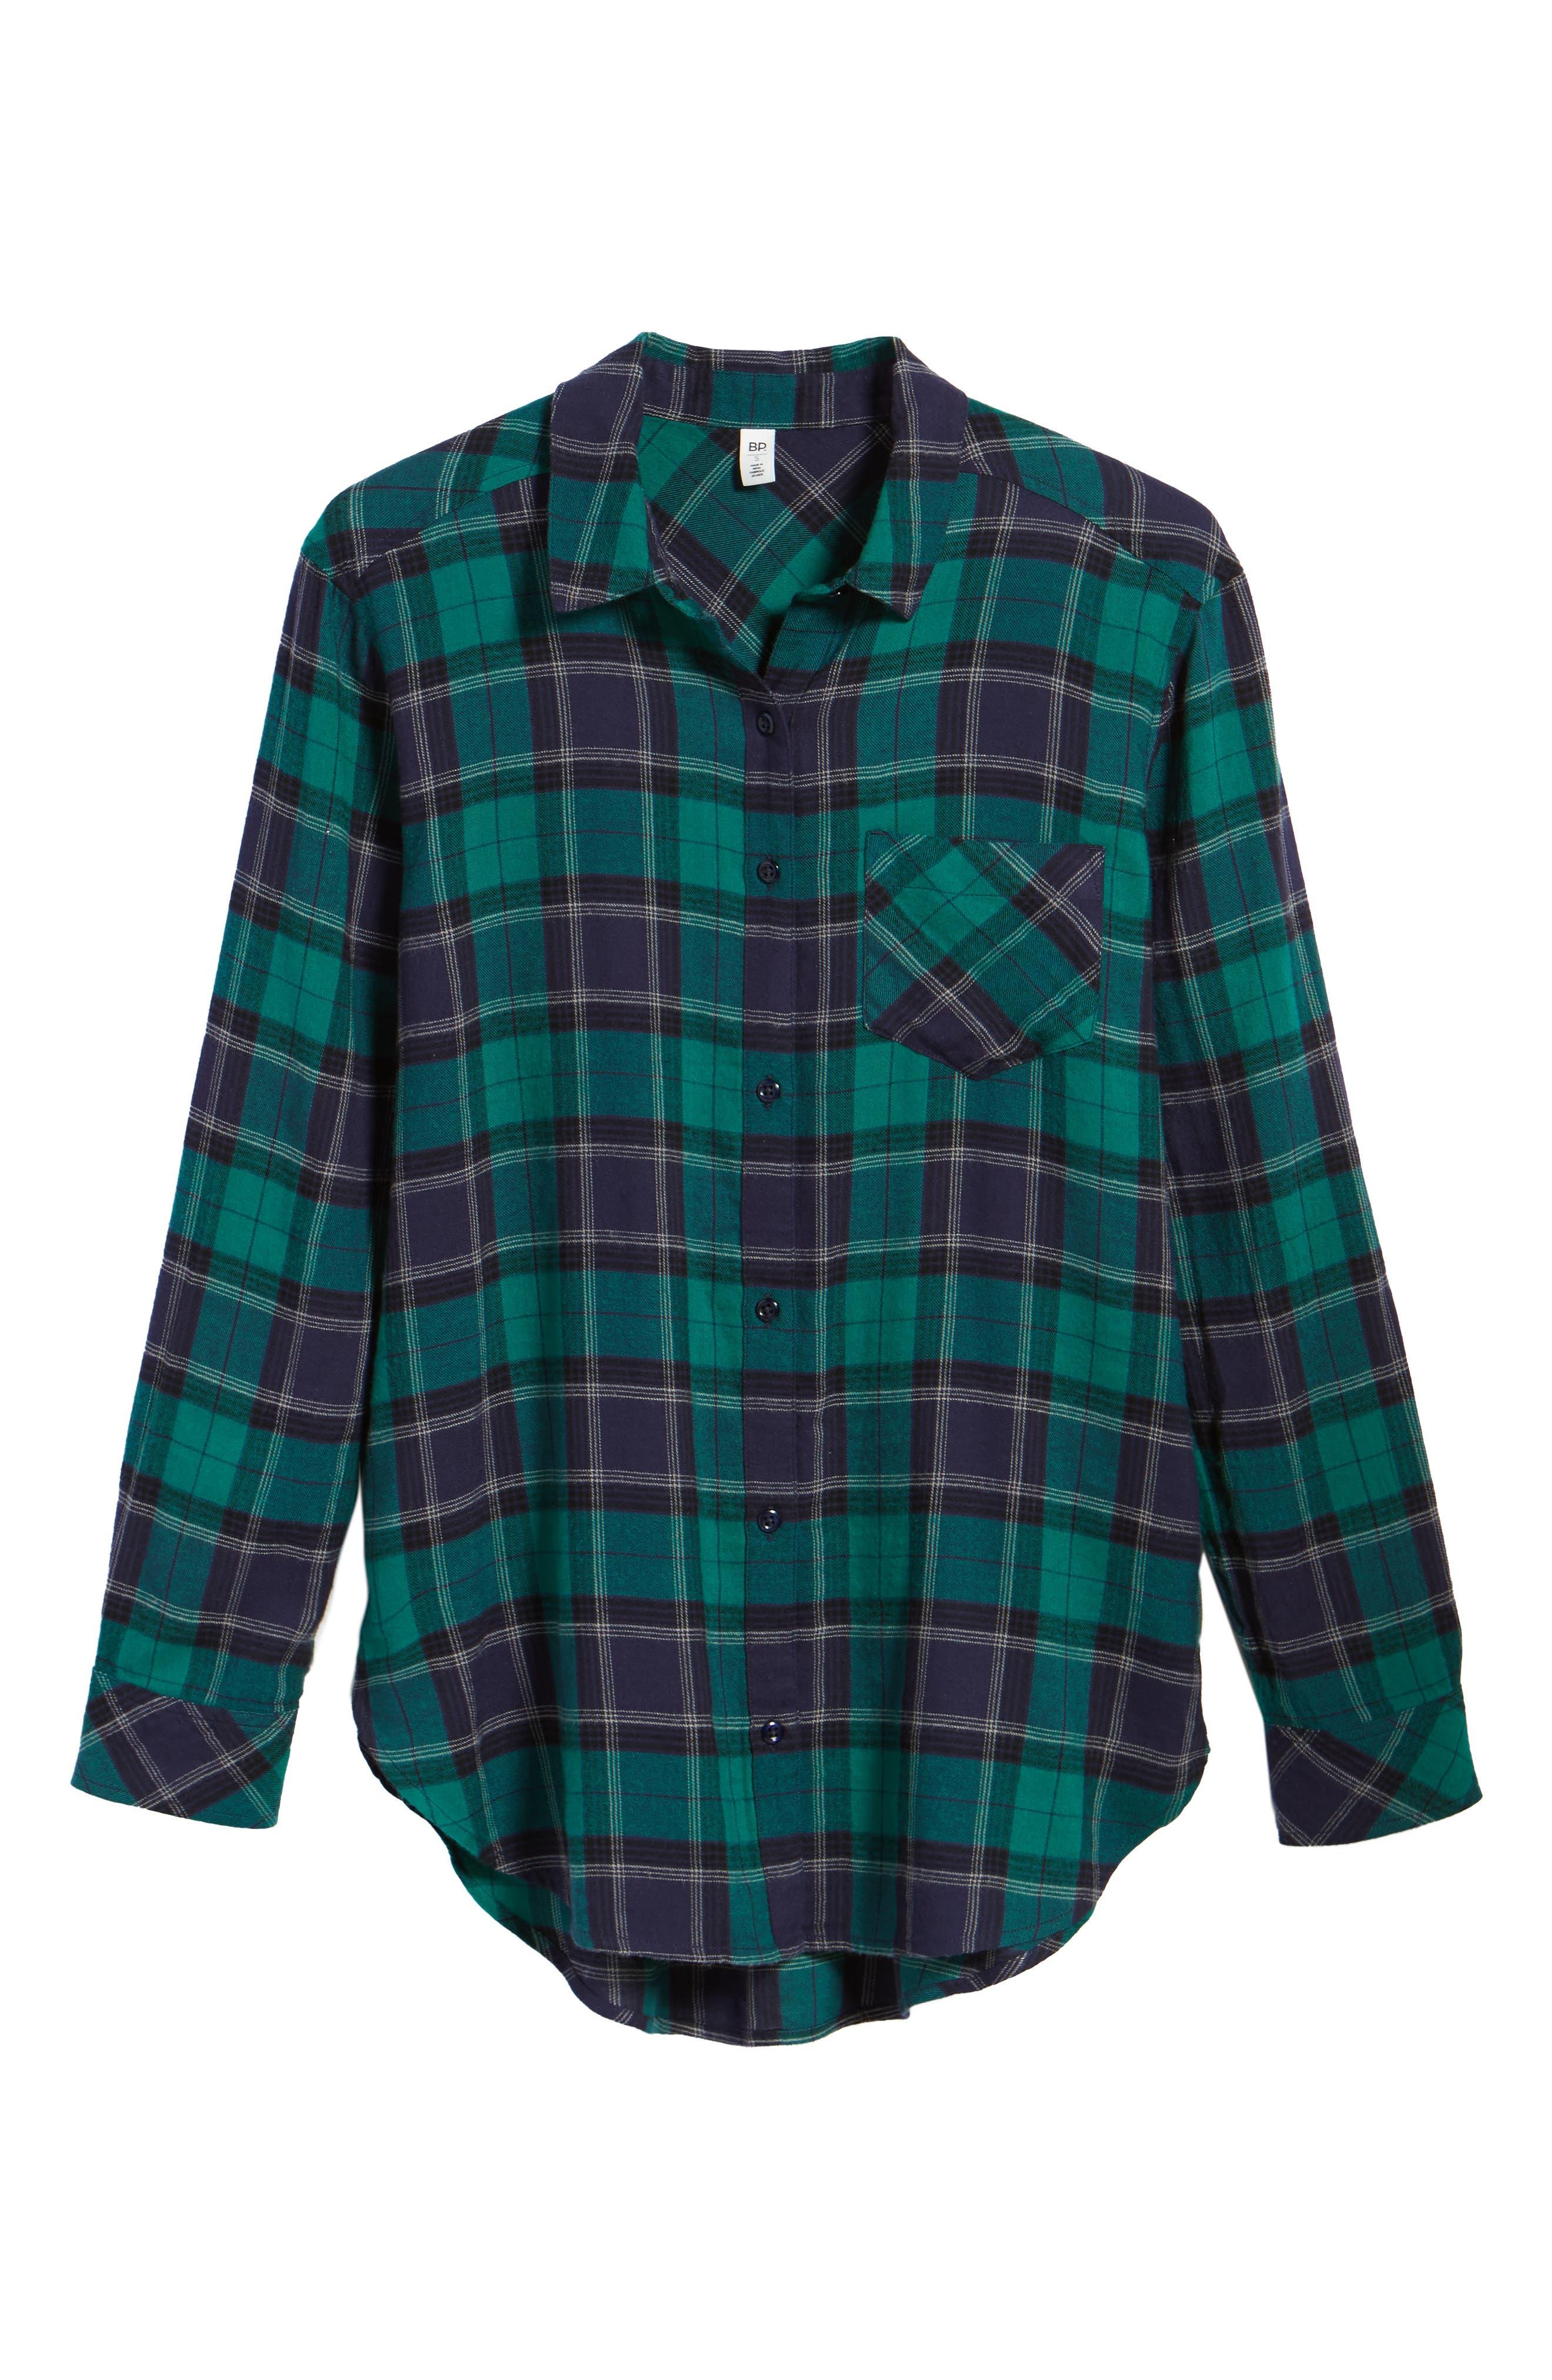 BP., Plaid Cotton Blend Shirt, Alternate thumbnail 6, color, 301